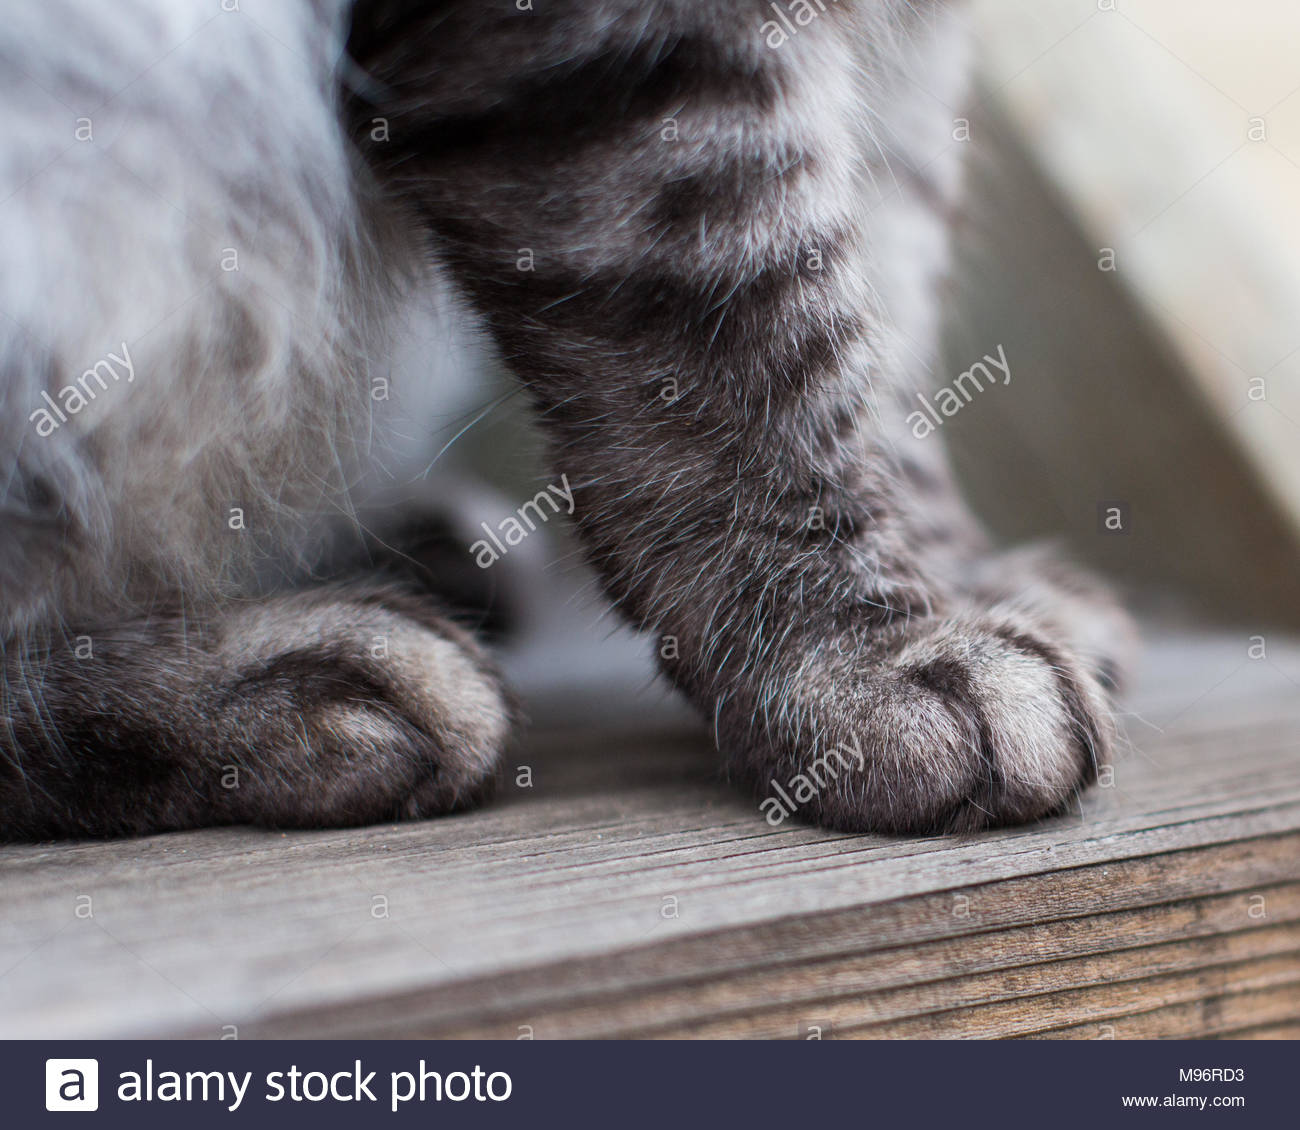 In der Nähe von Grau gestreiften Tabby cat Pfoten sitzen auf Holz- Schritt Stockbild